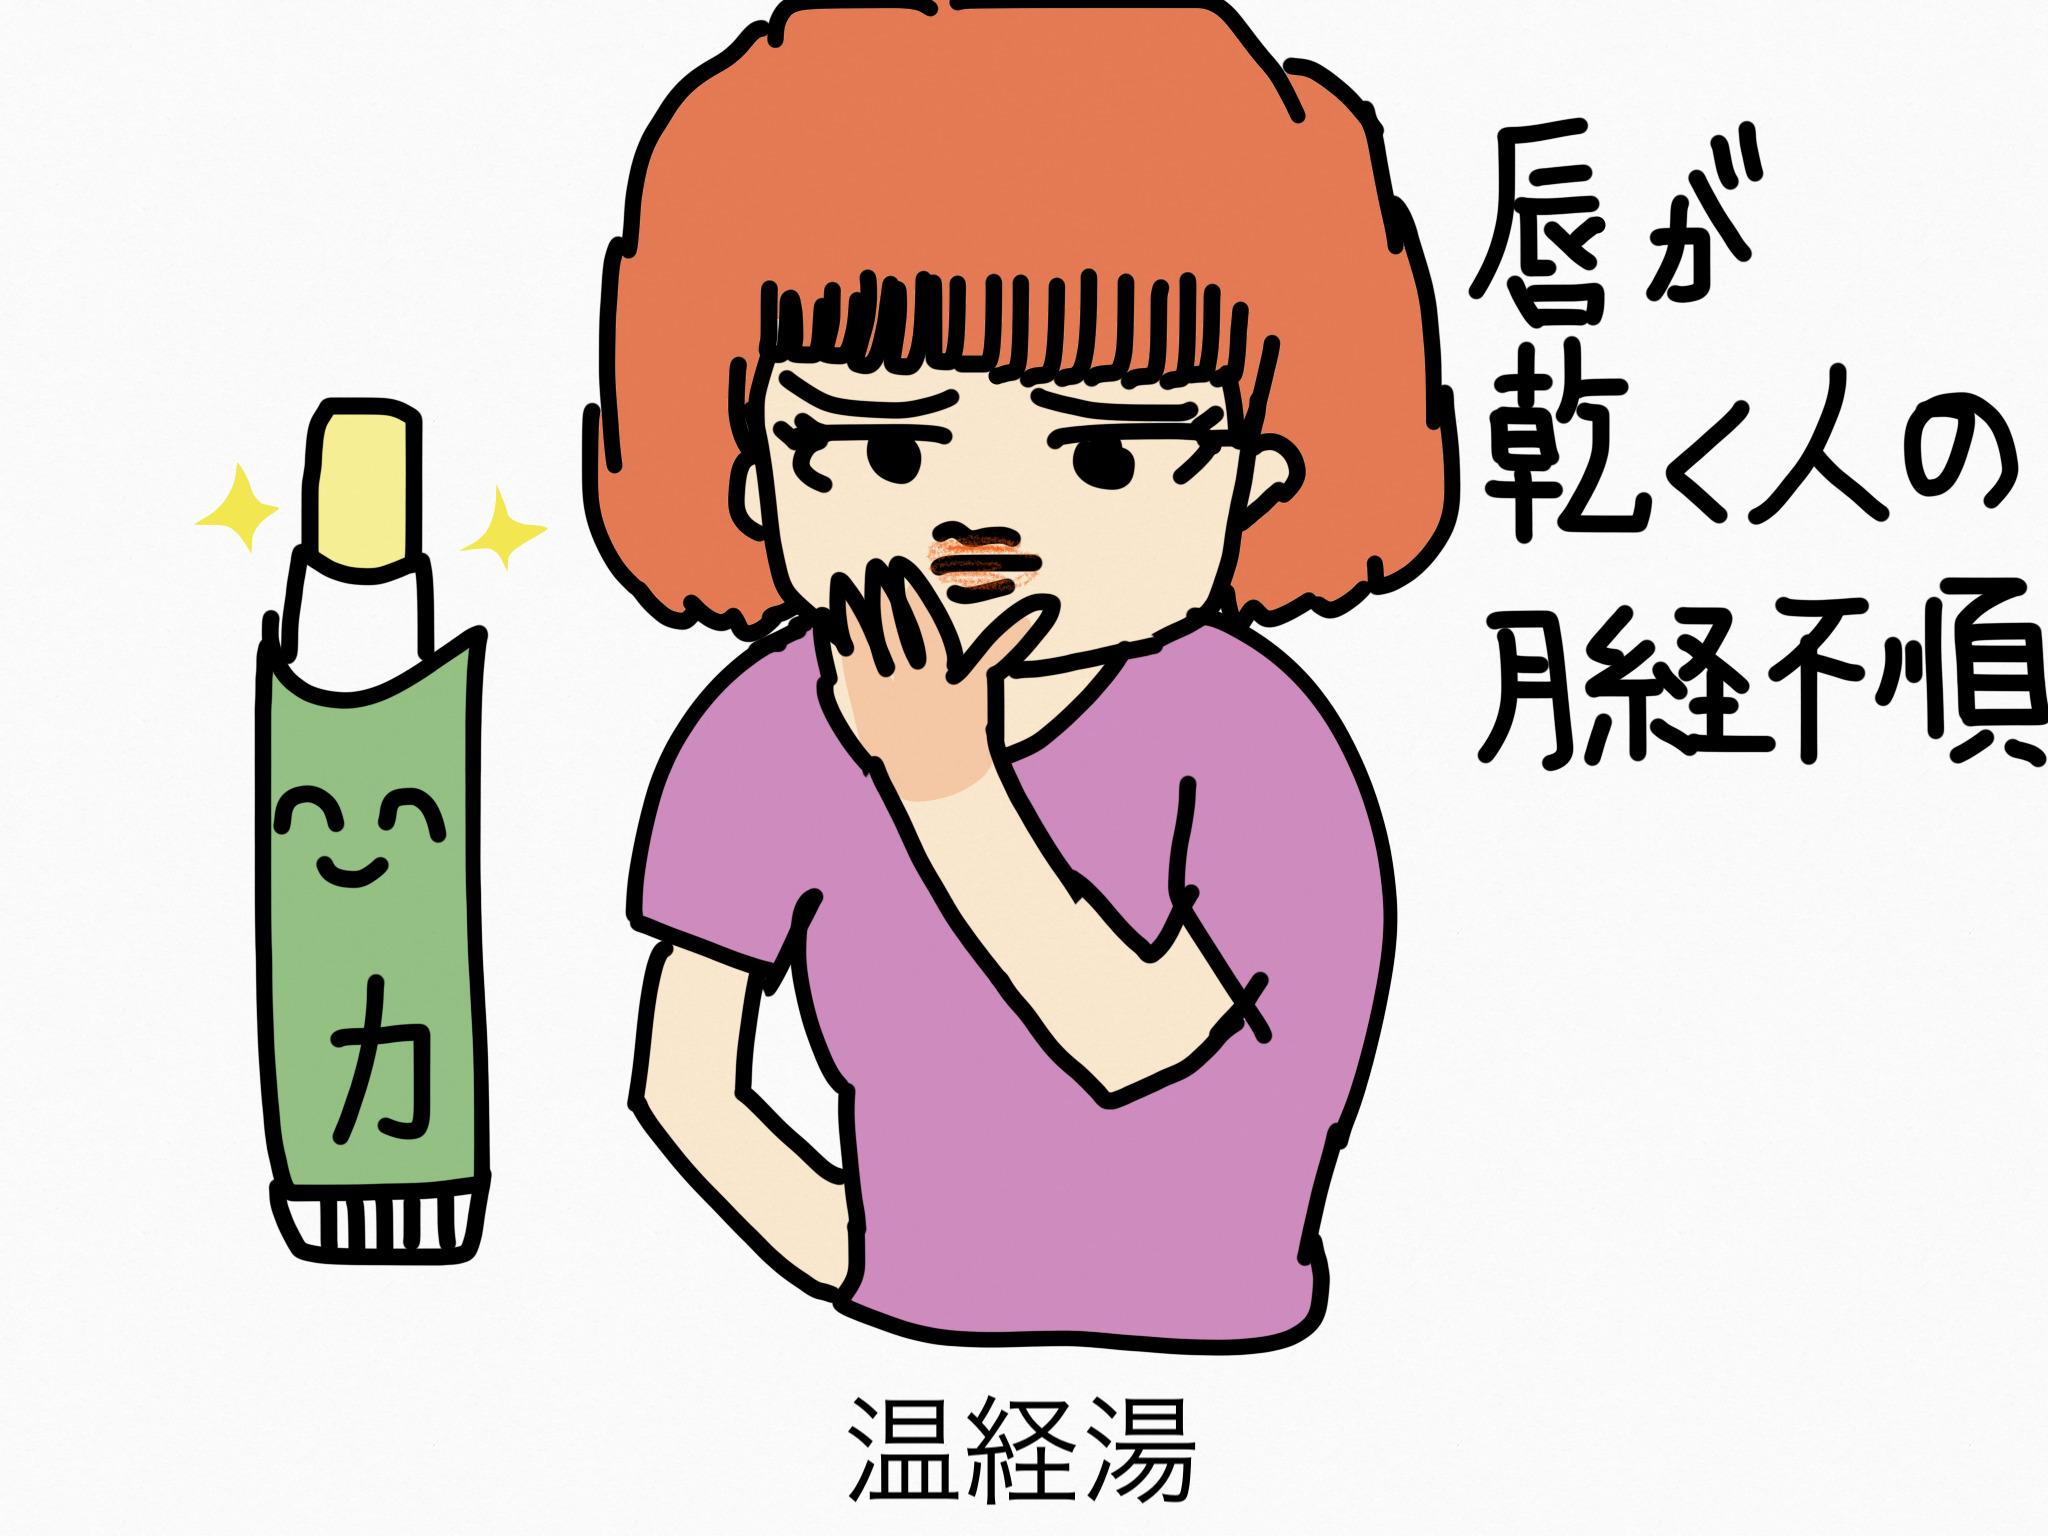 温経湯(うんけいとう)[月経に伴う症状]【漢方の覚え方】